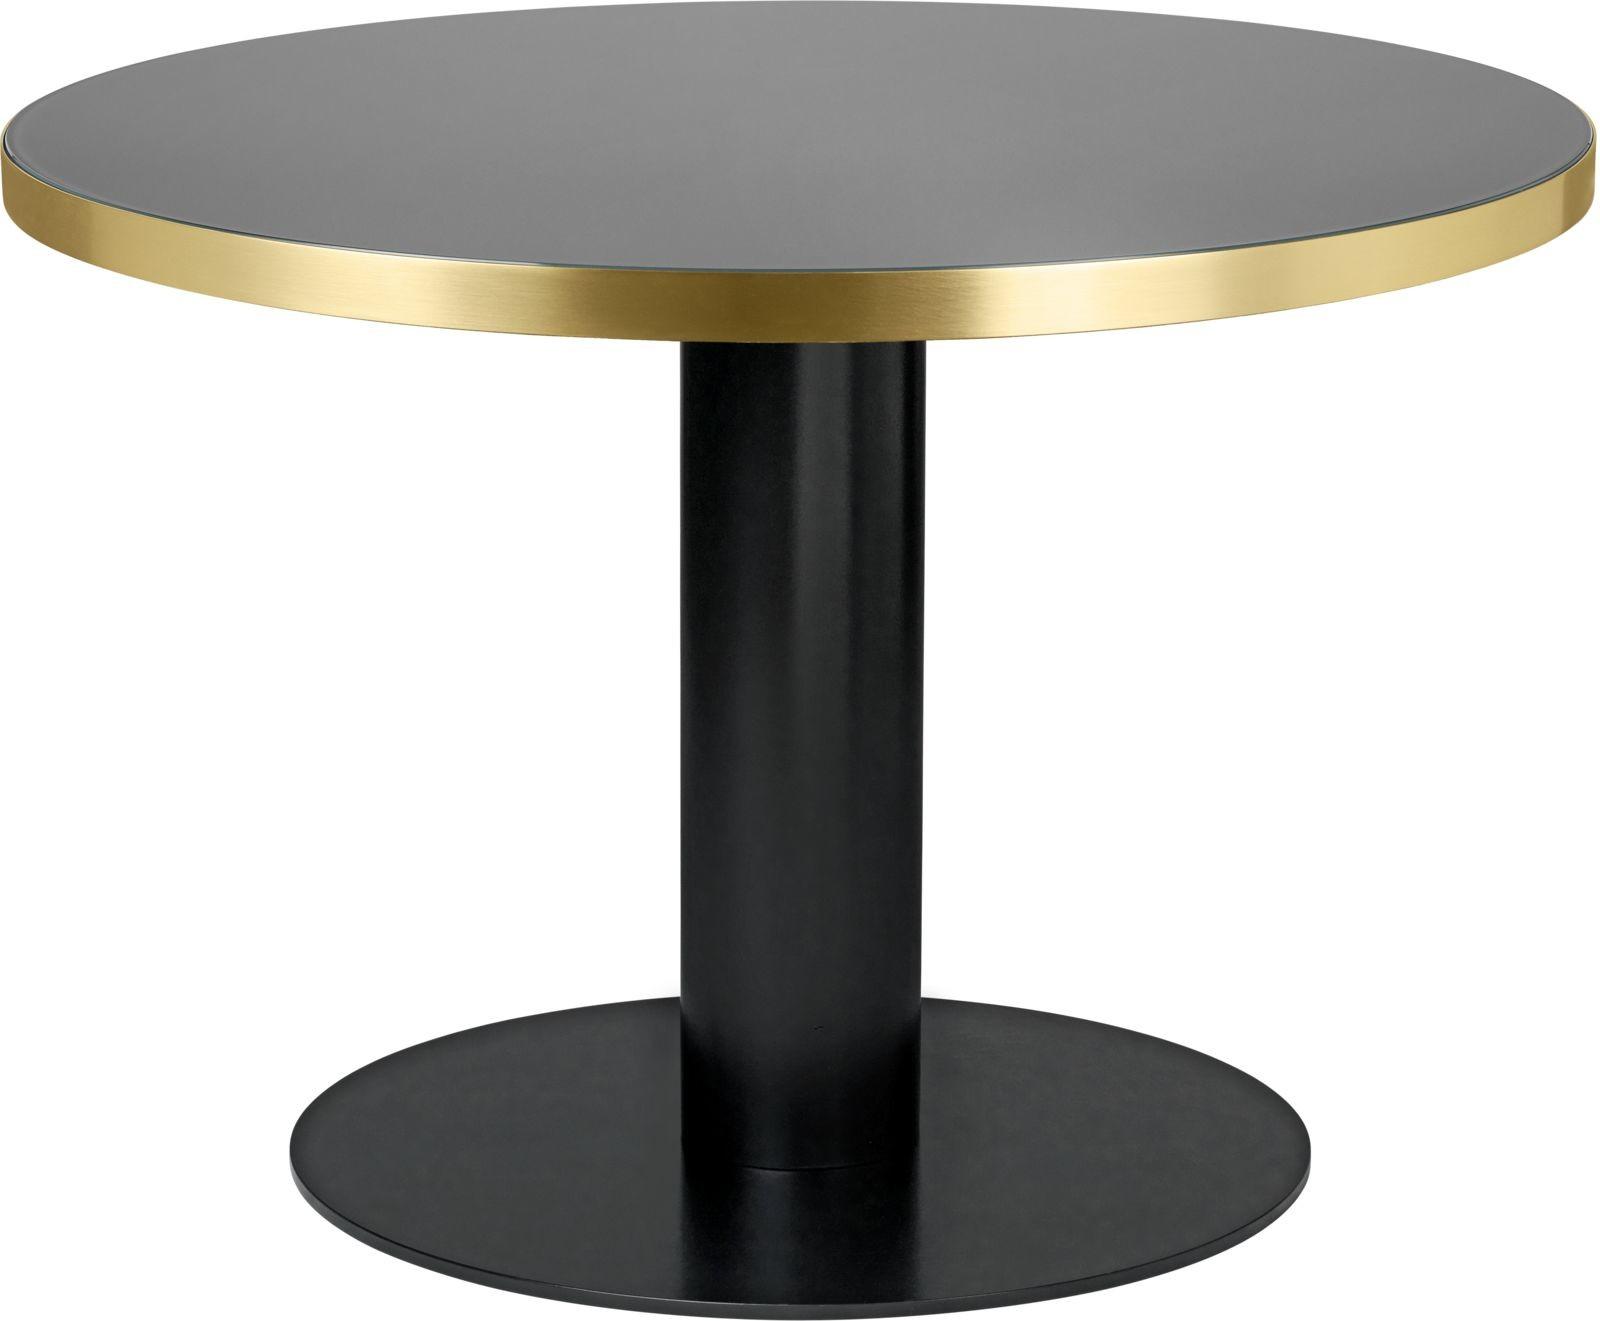 Gubi 2.0 Round Dining Table - Glass Gubi Metal Black, Gubi Glass Granite Grey, 0110